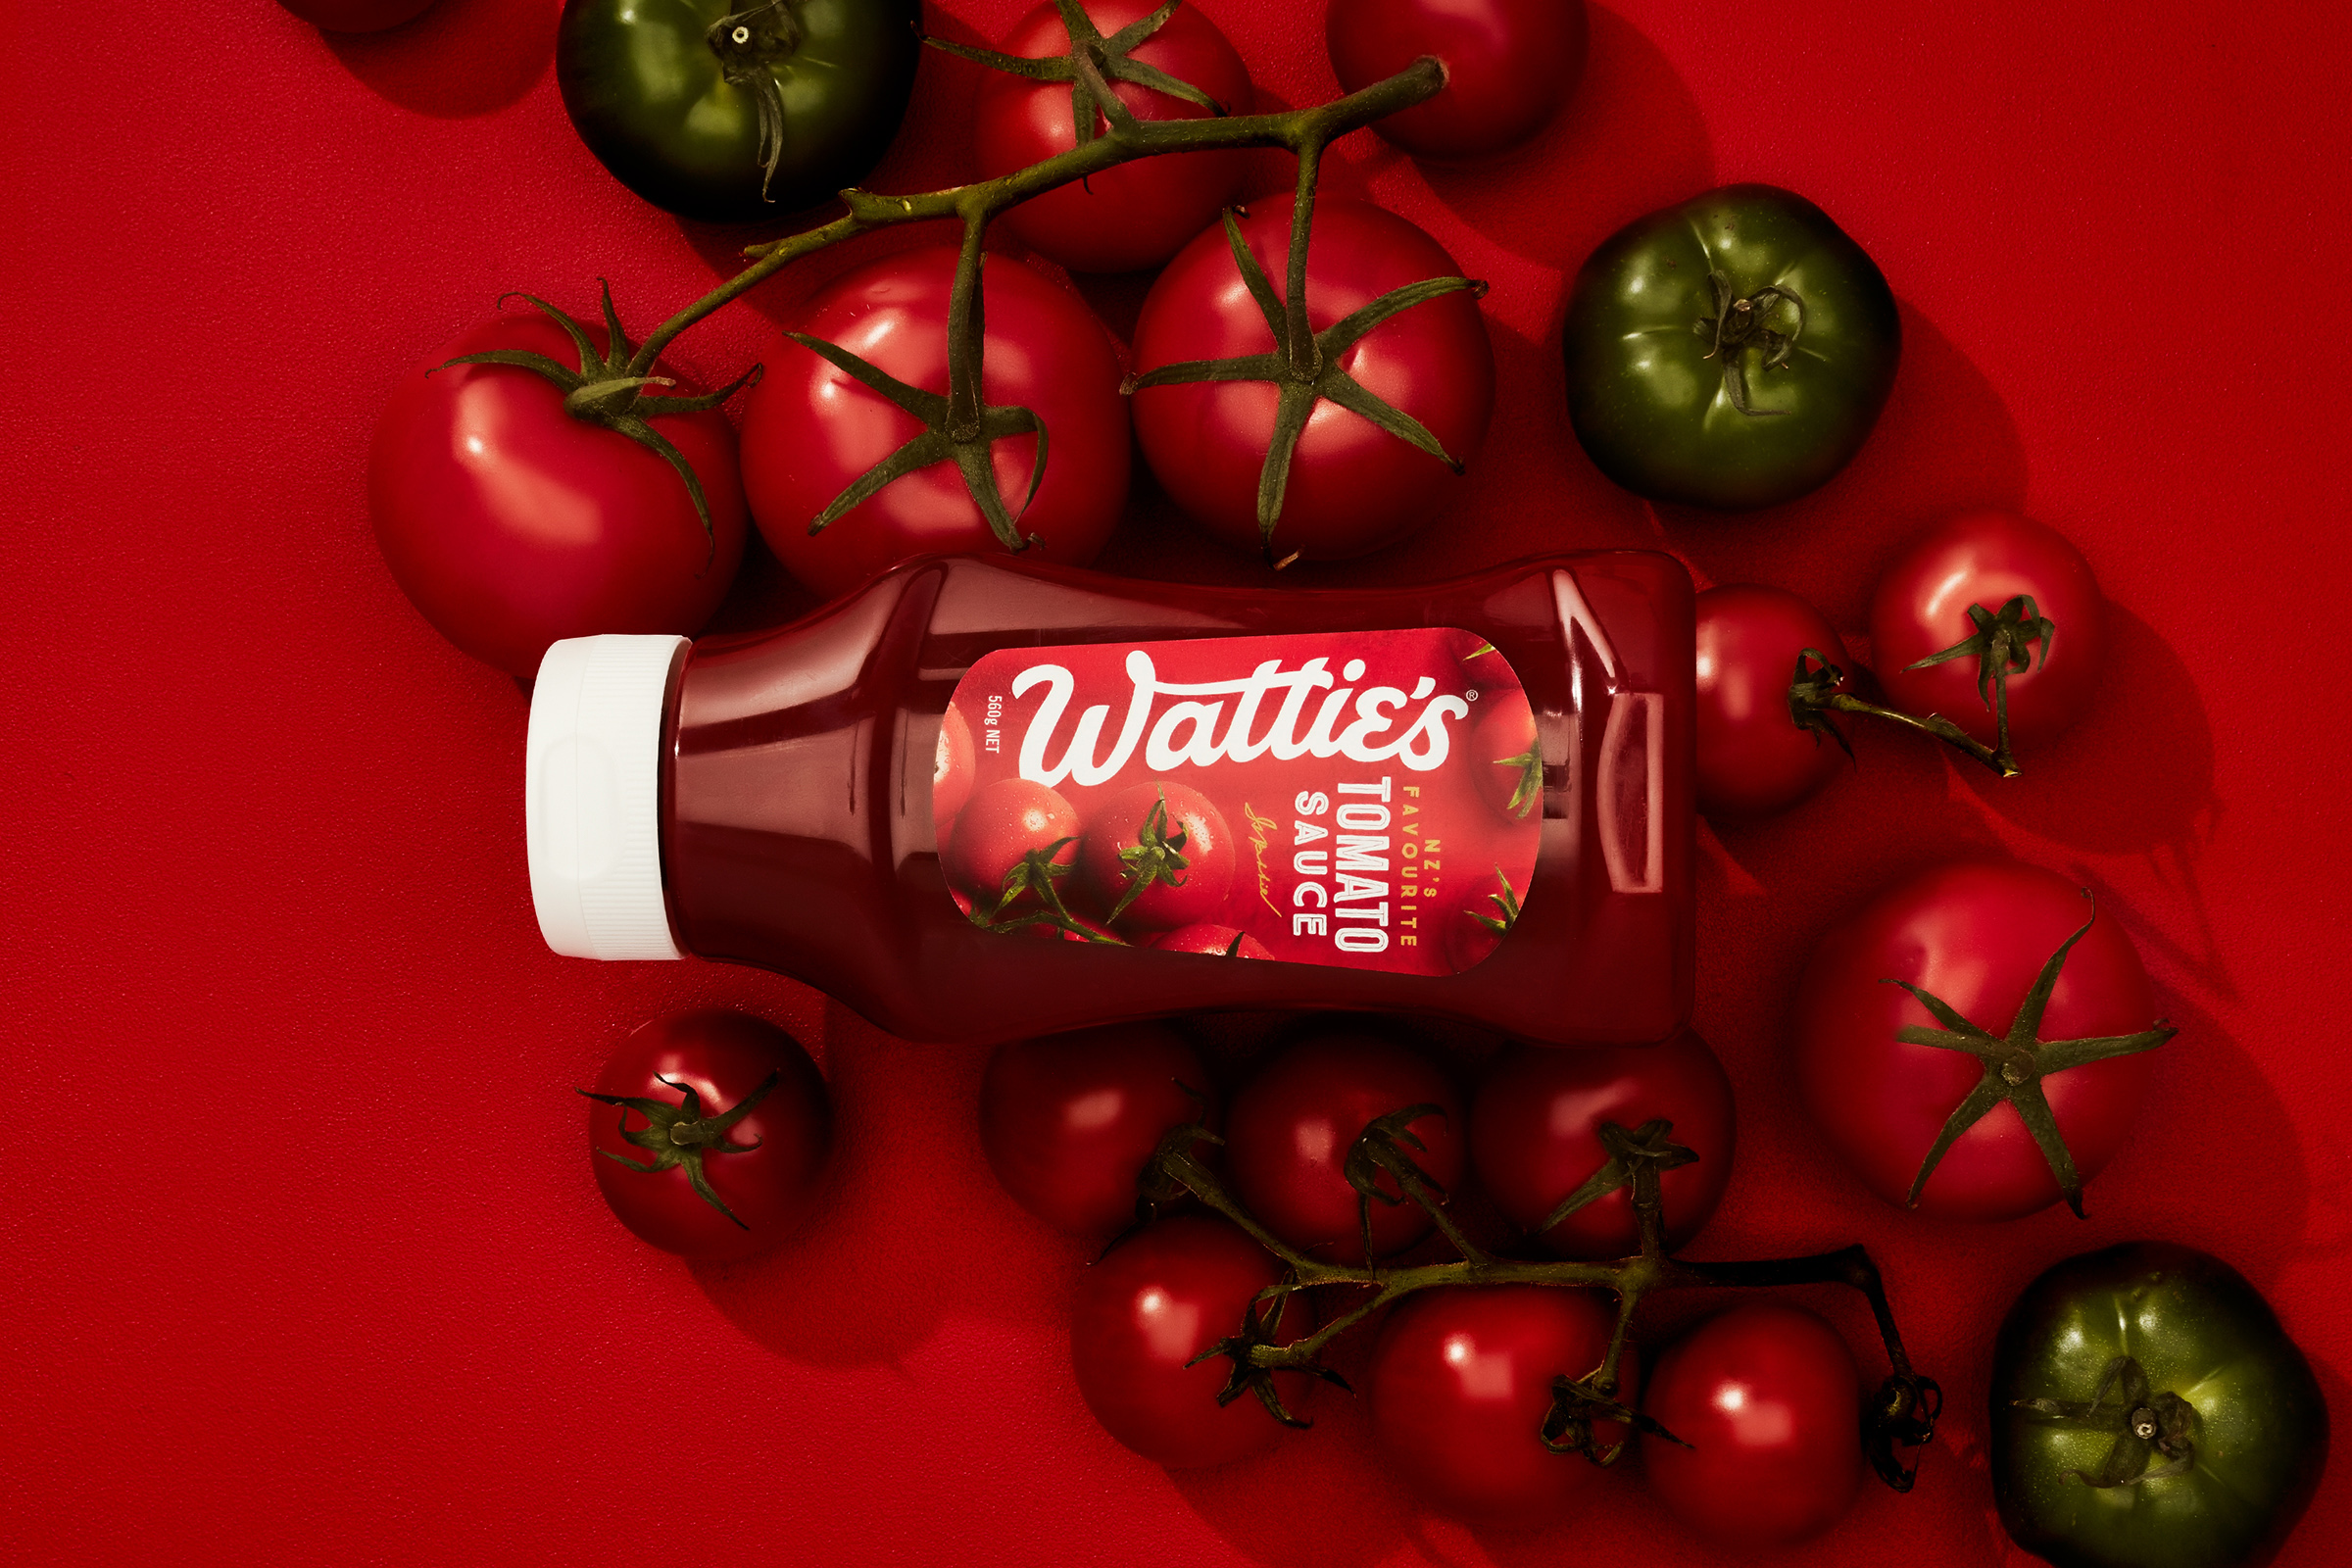 Wattie's Tomato Sauce